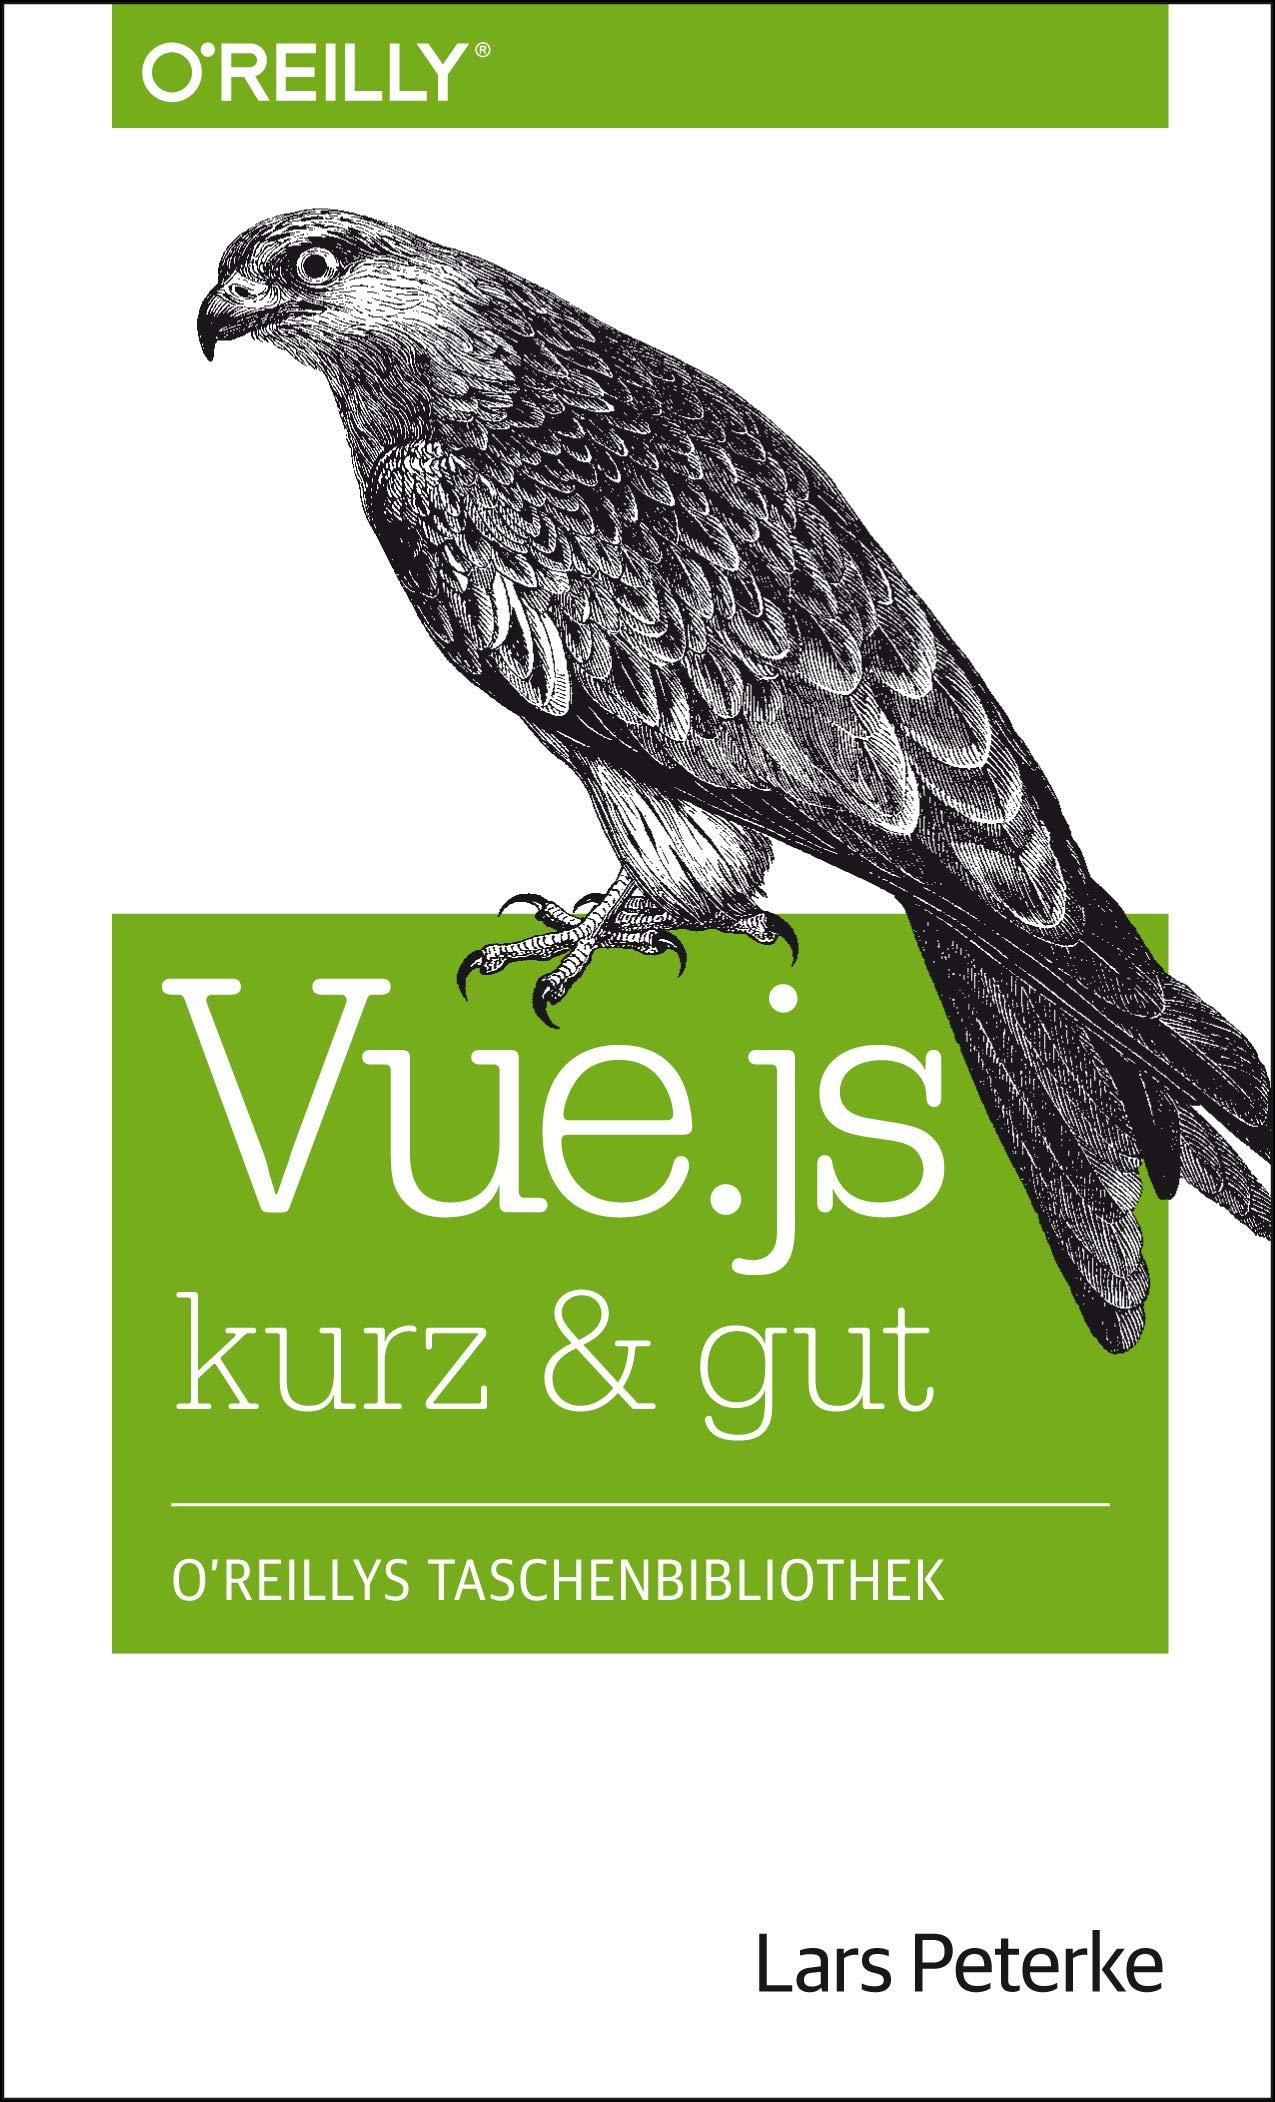 Vue.js kurz & gut Taschenbuch – 31. Januar 2019 Lars Peterke O'Reilly 3960090927 Programmiersprachen